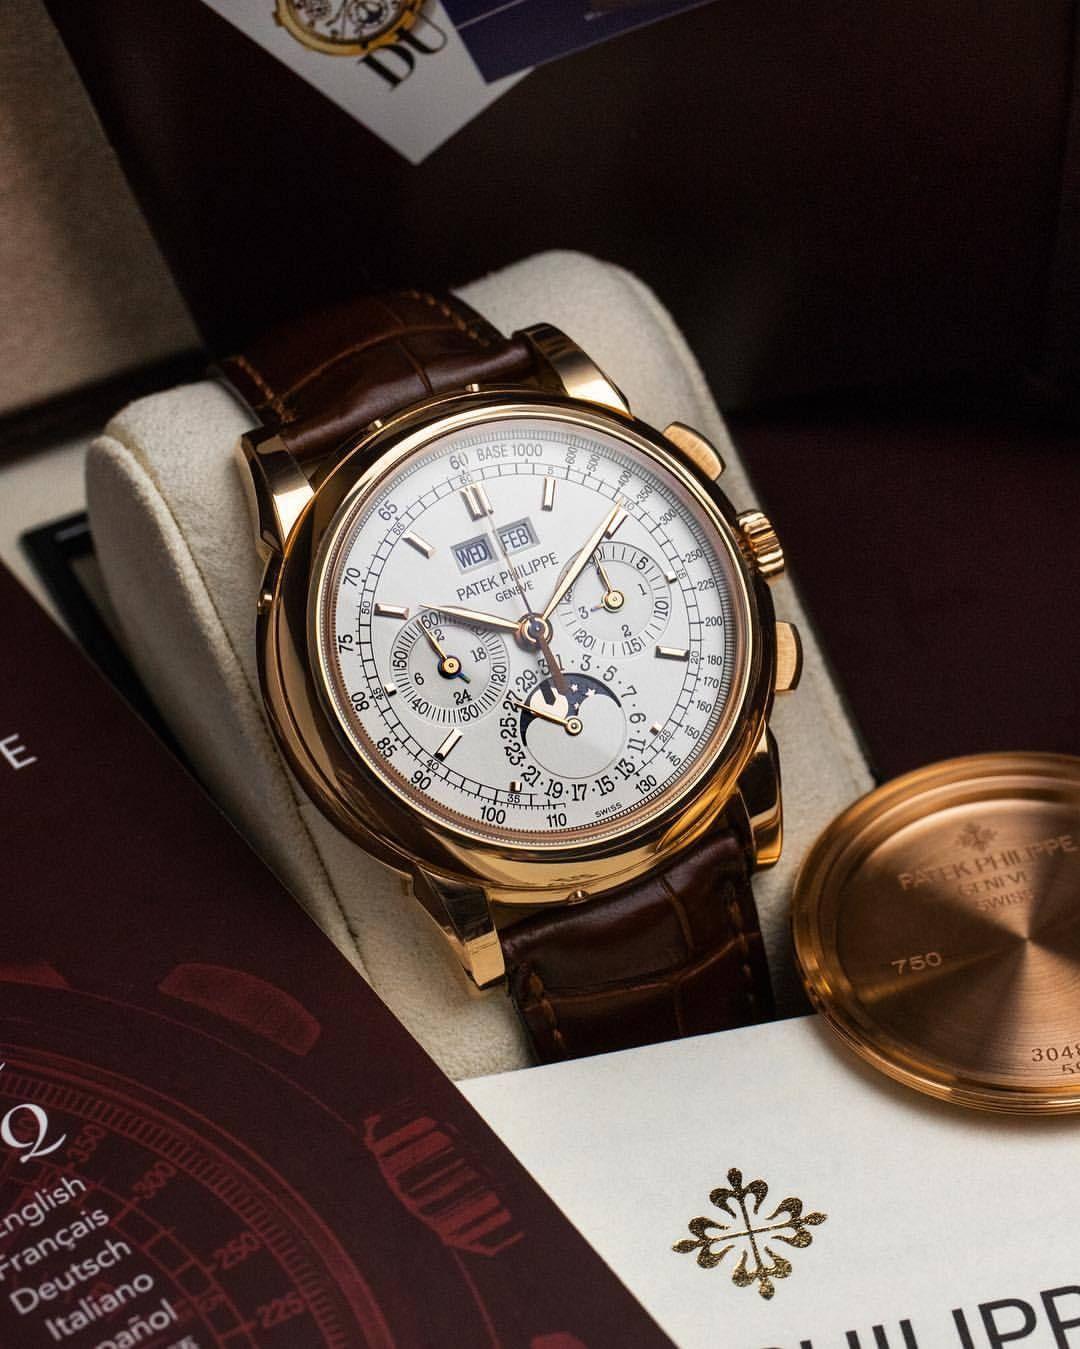 Patek Philippe 5970R Perpetual Calendar | Luxury watches for men, Vintage  watches, Patek philippe watches